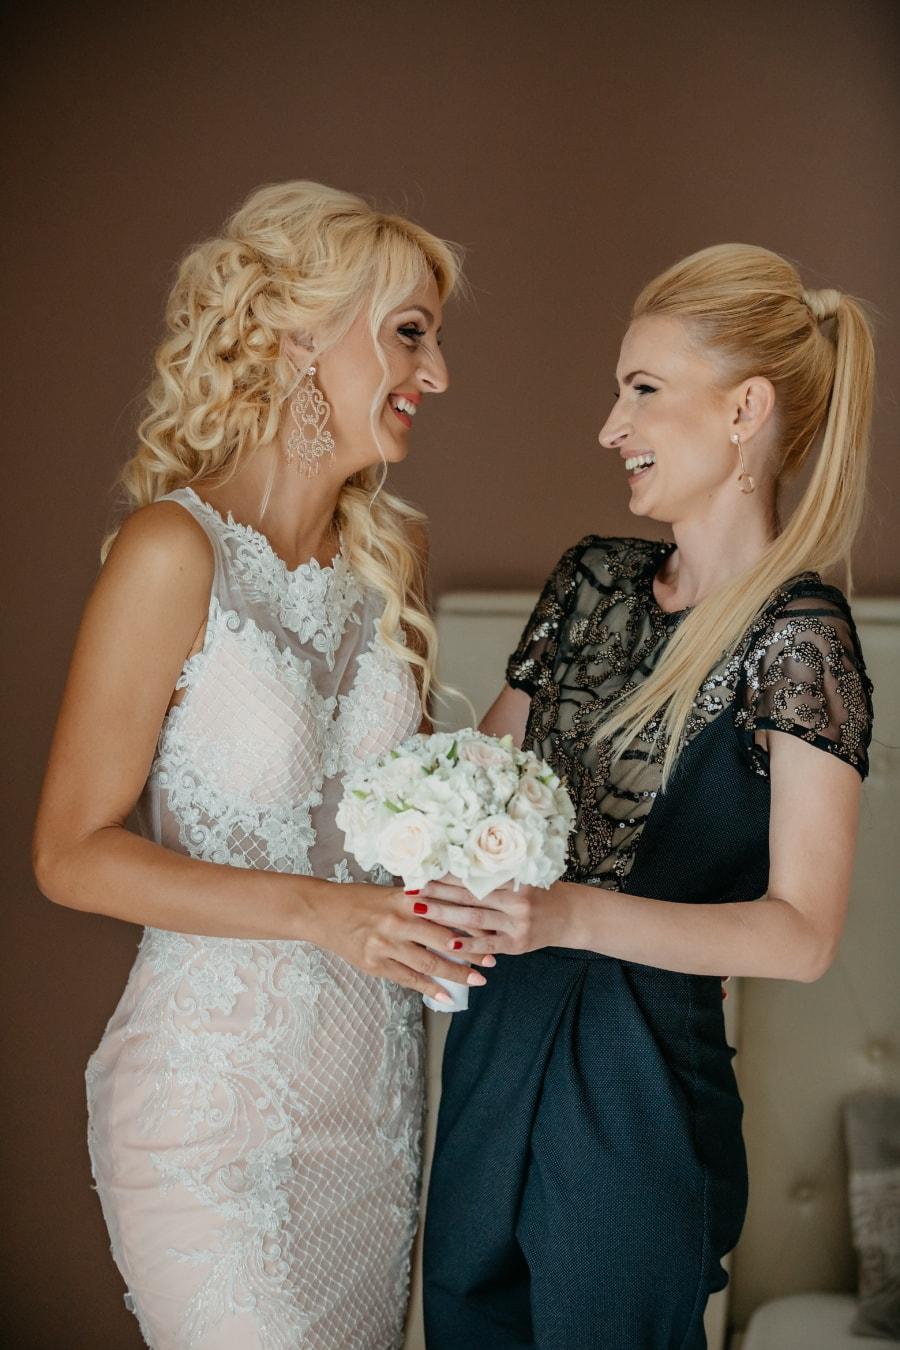 relation, amitié, amicale, femmes, cheveux blonds, la mariée, femme, mode, jeune fille, jeune marié